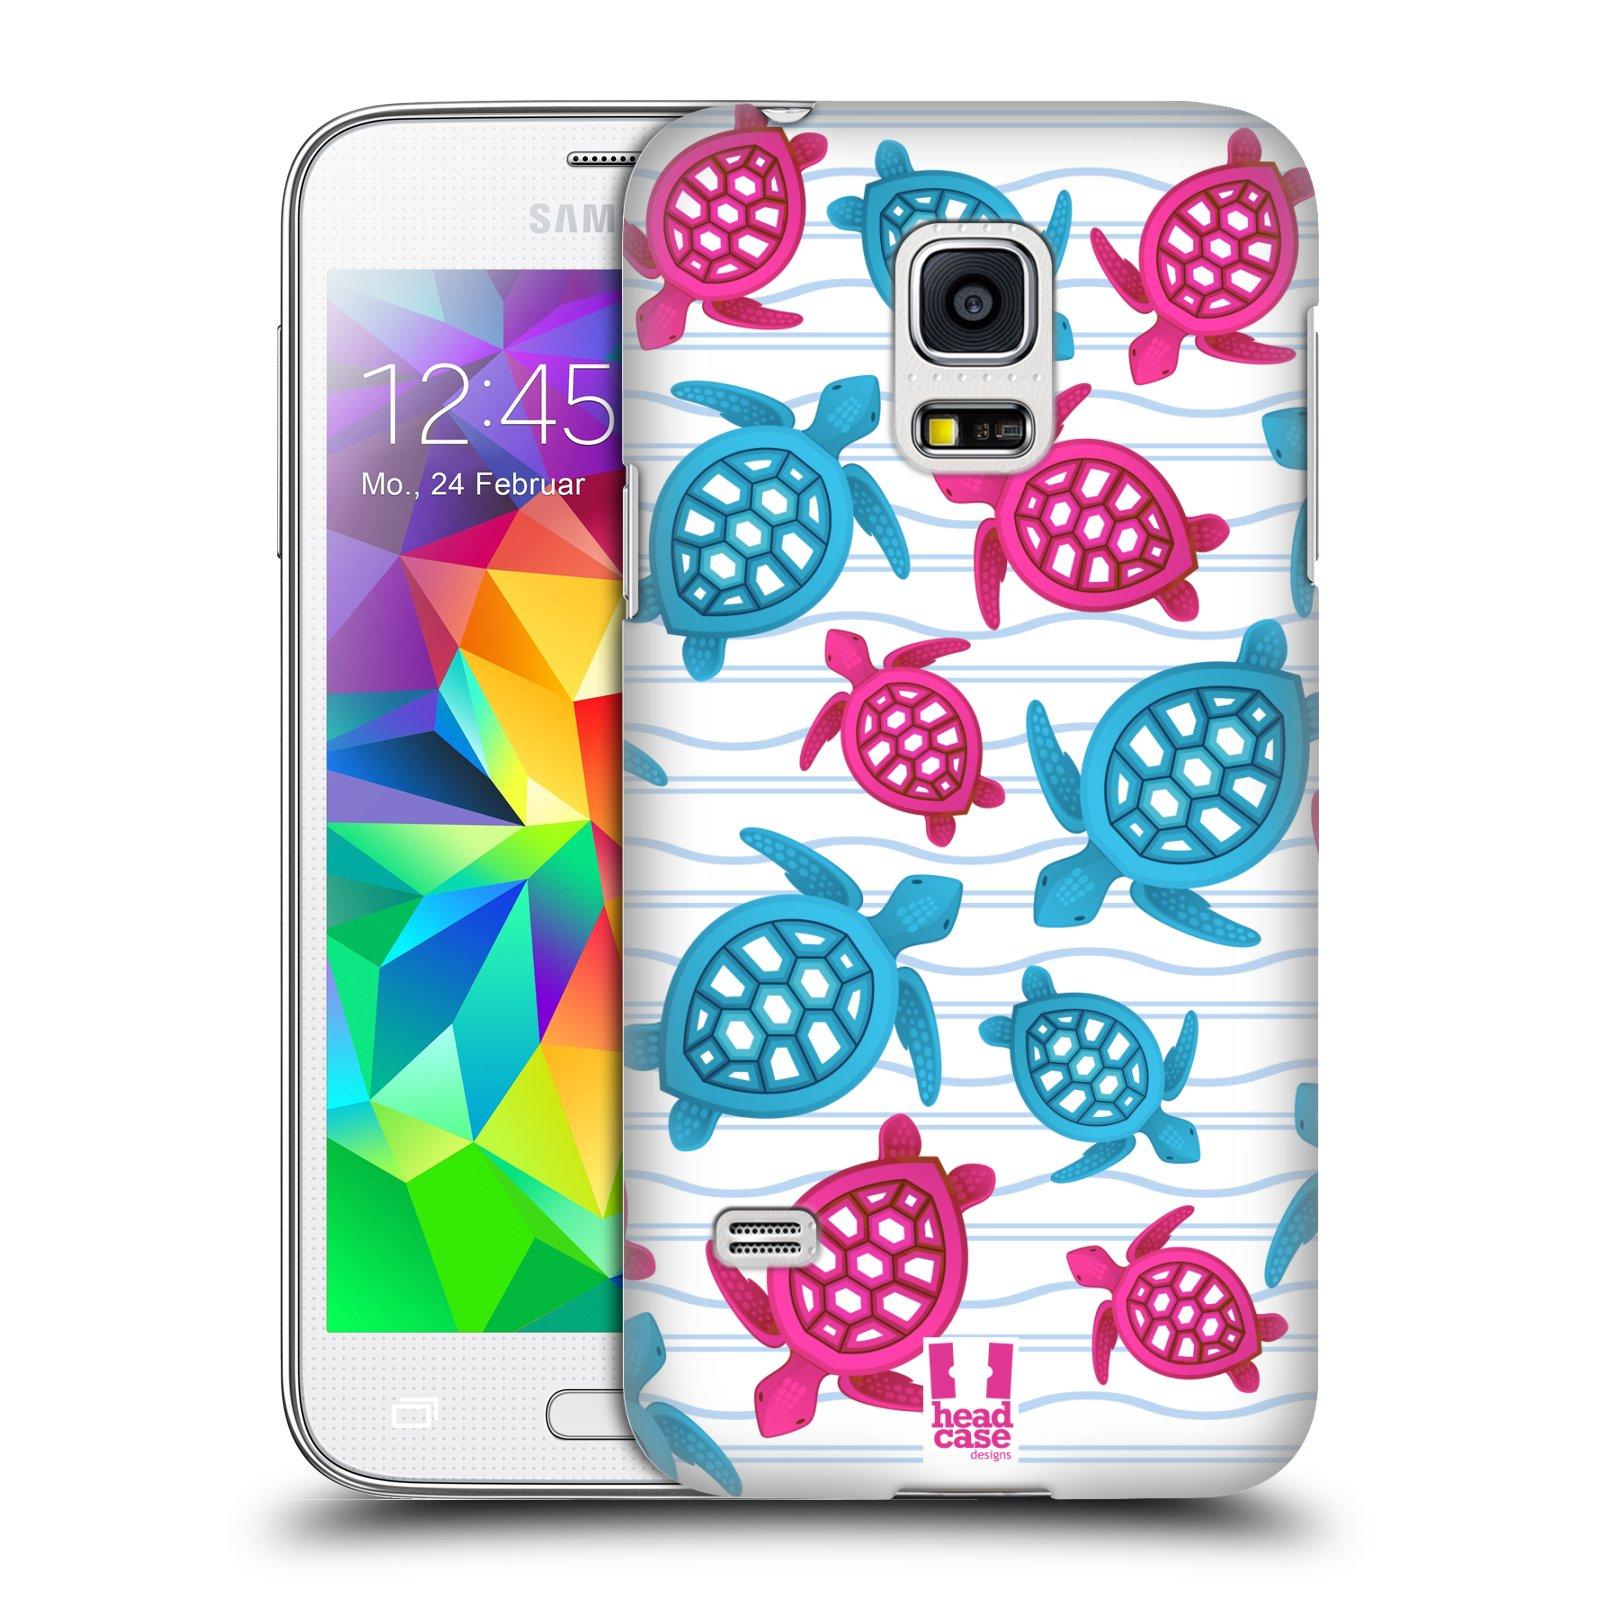 HEAD CASE plastový obal na mobil SAMSUNG Galaxy S5 MINI / S5 MINI DUOS vzor mořský živočich želva modrá a růžová